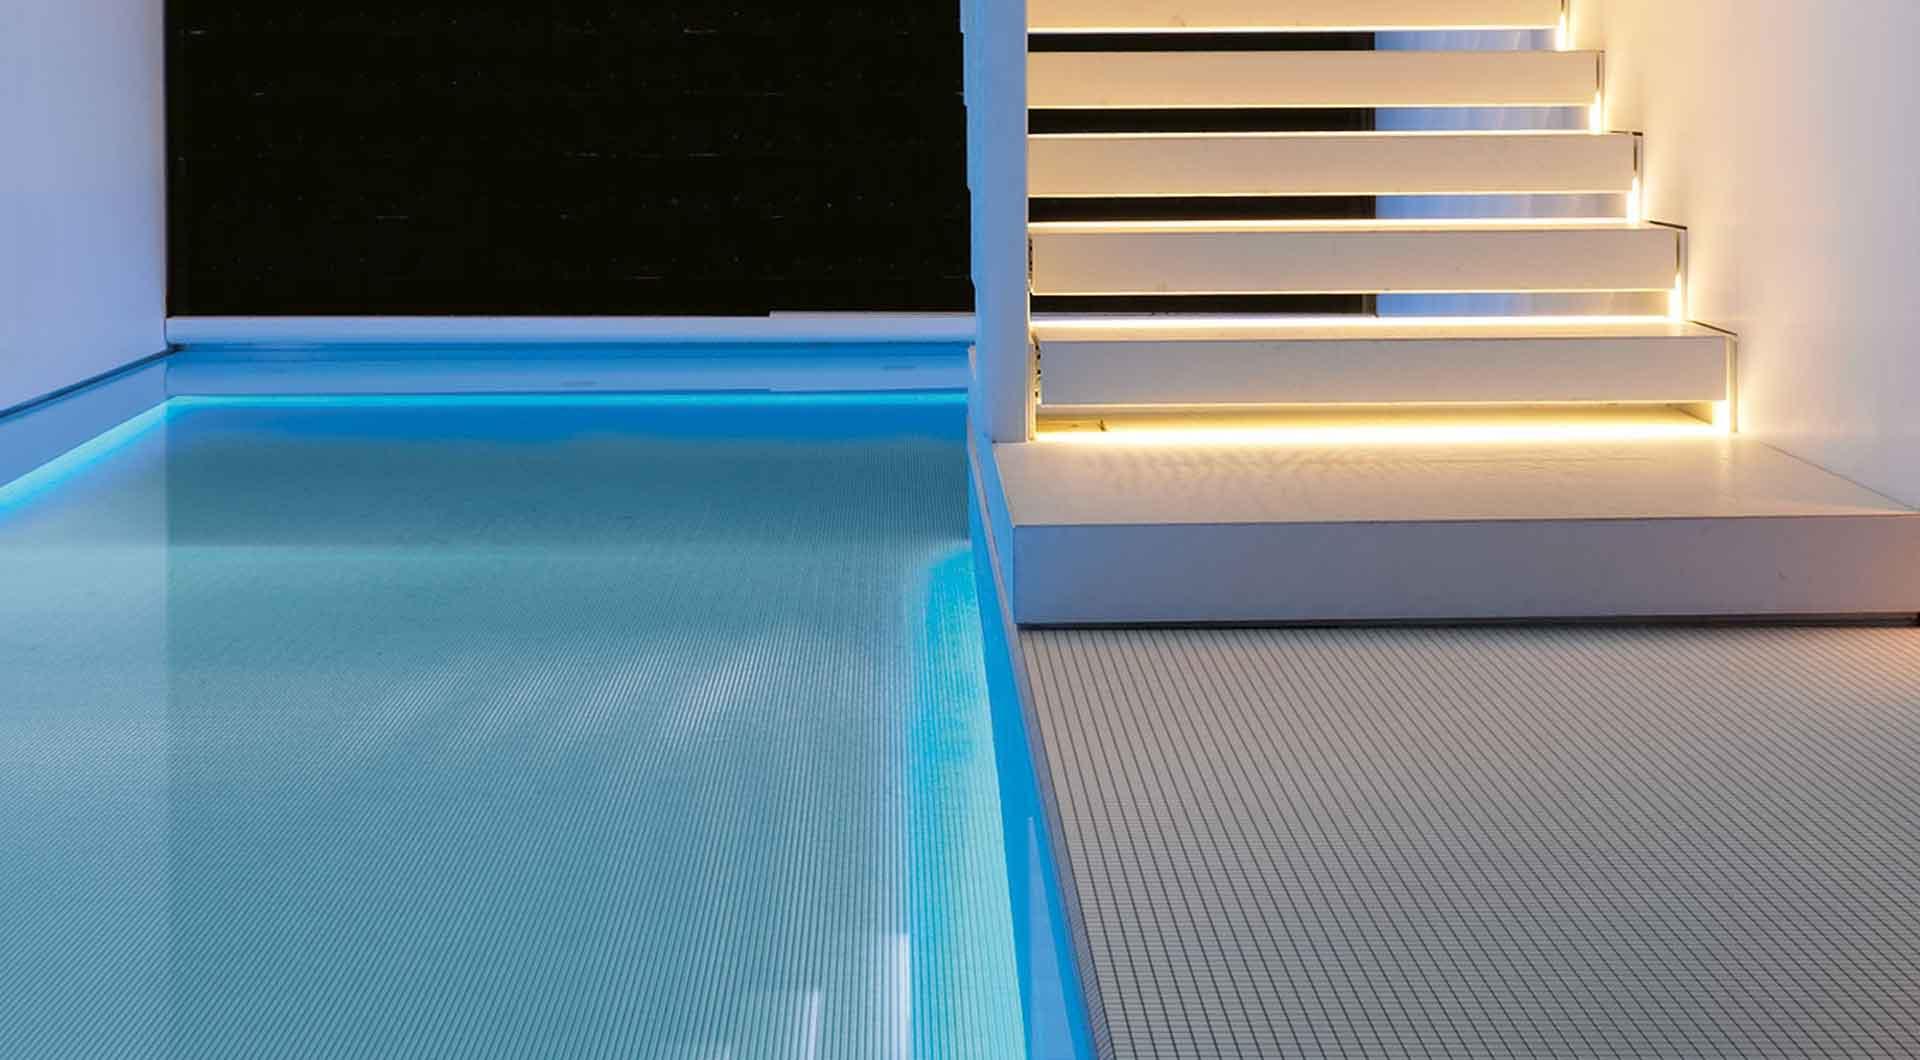 appiani-installazione-rivestimenti-ceramici-per-piscine-di-design